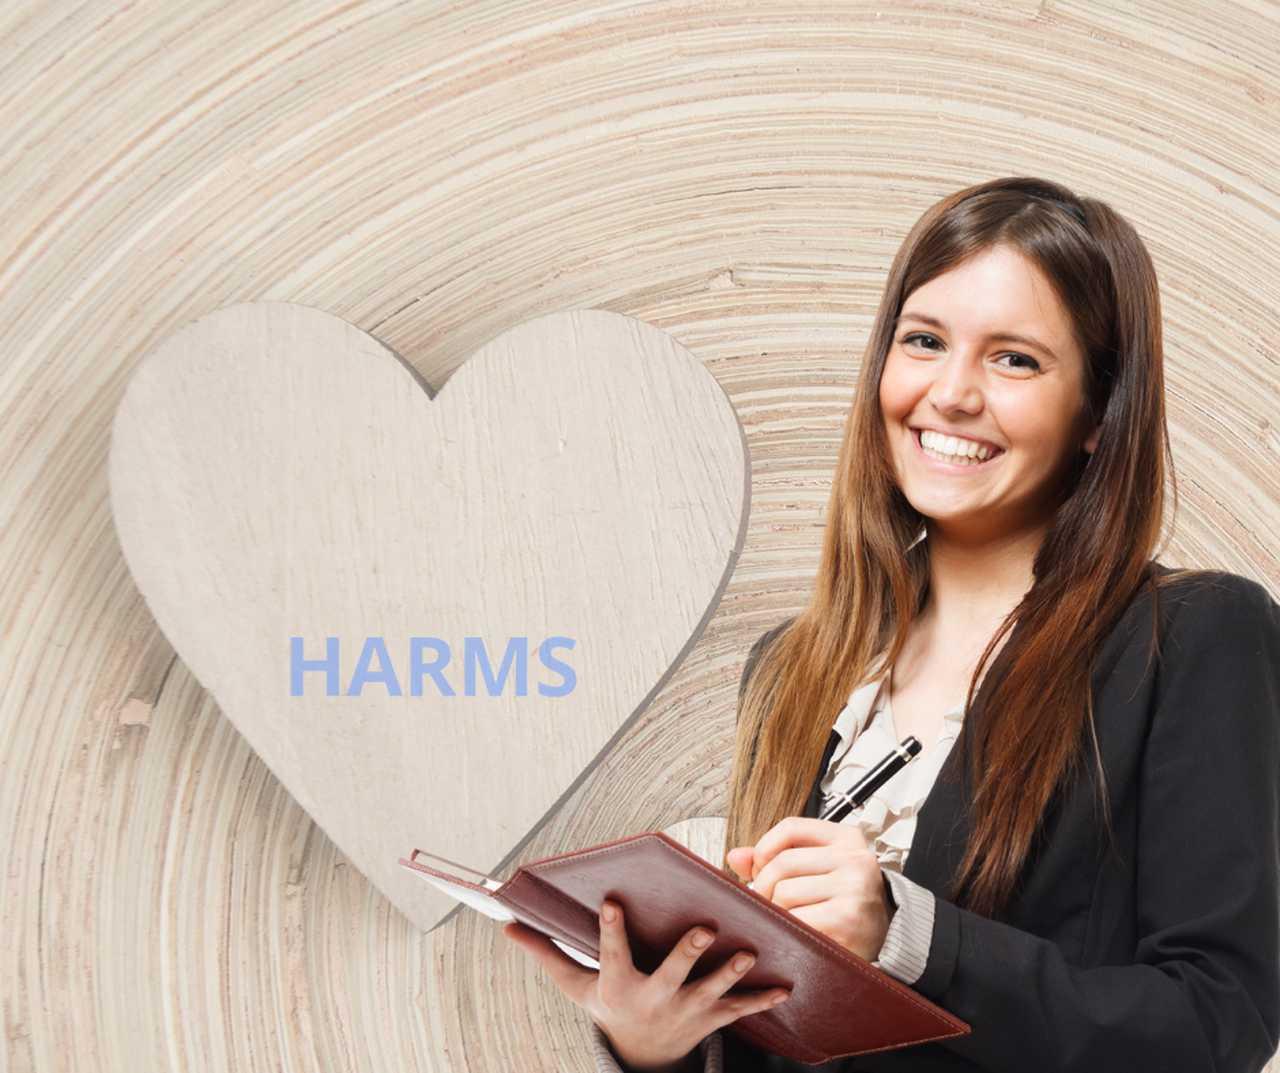 HARMS Lüneburg; Mit Herz und Sachverstand